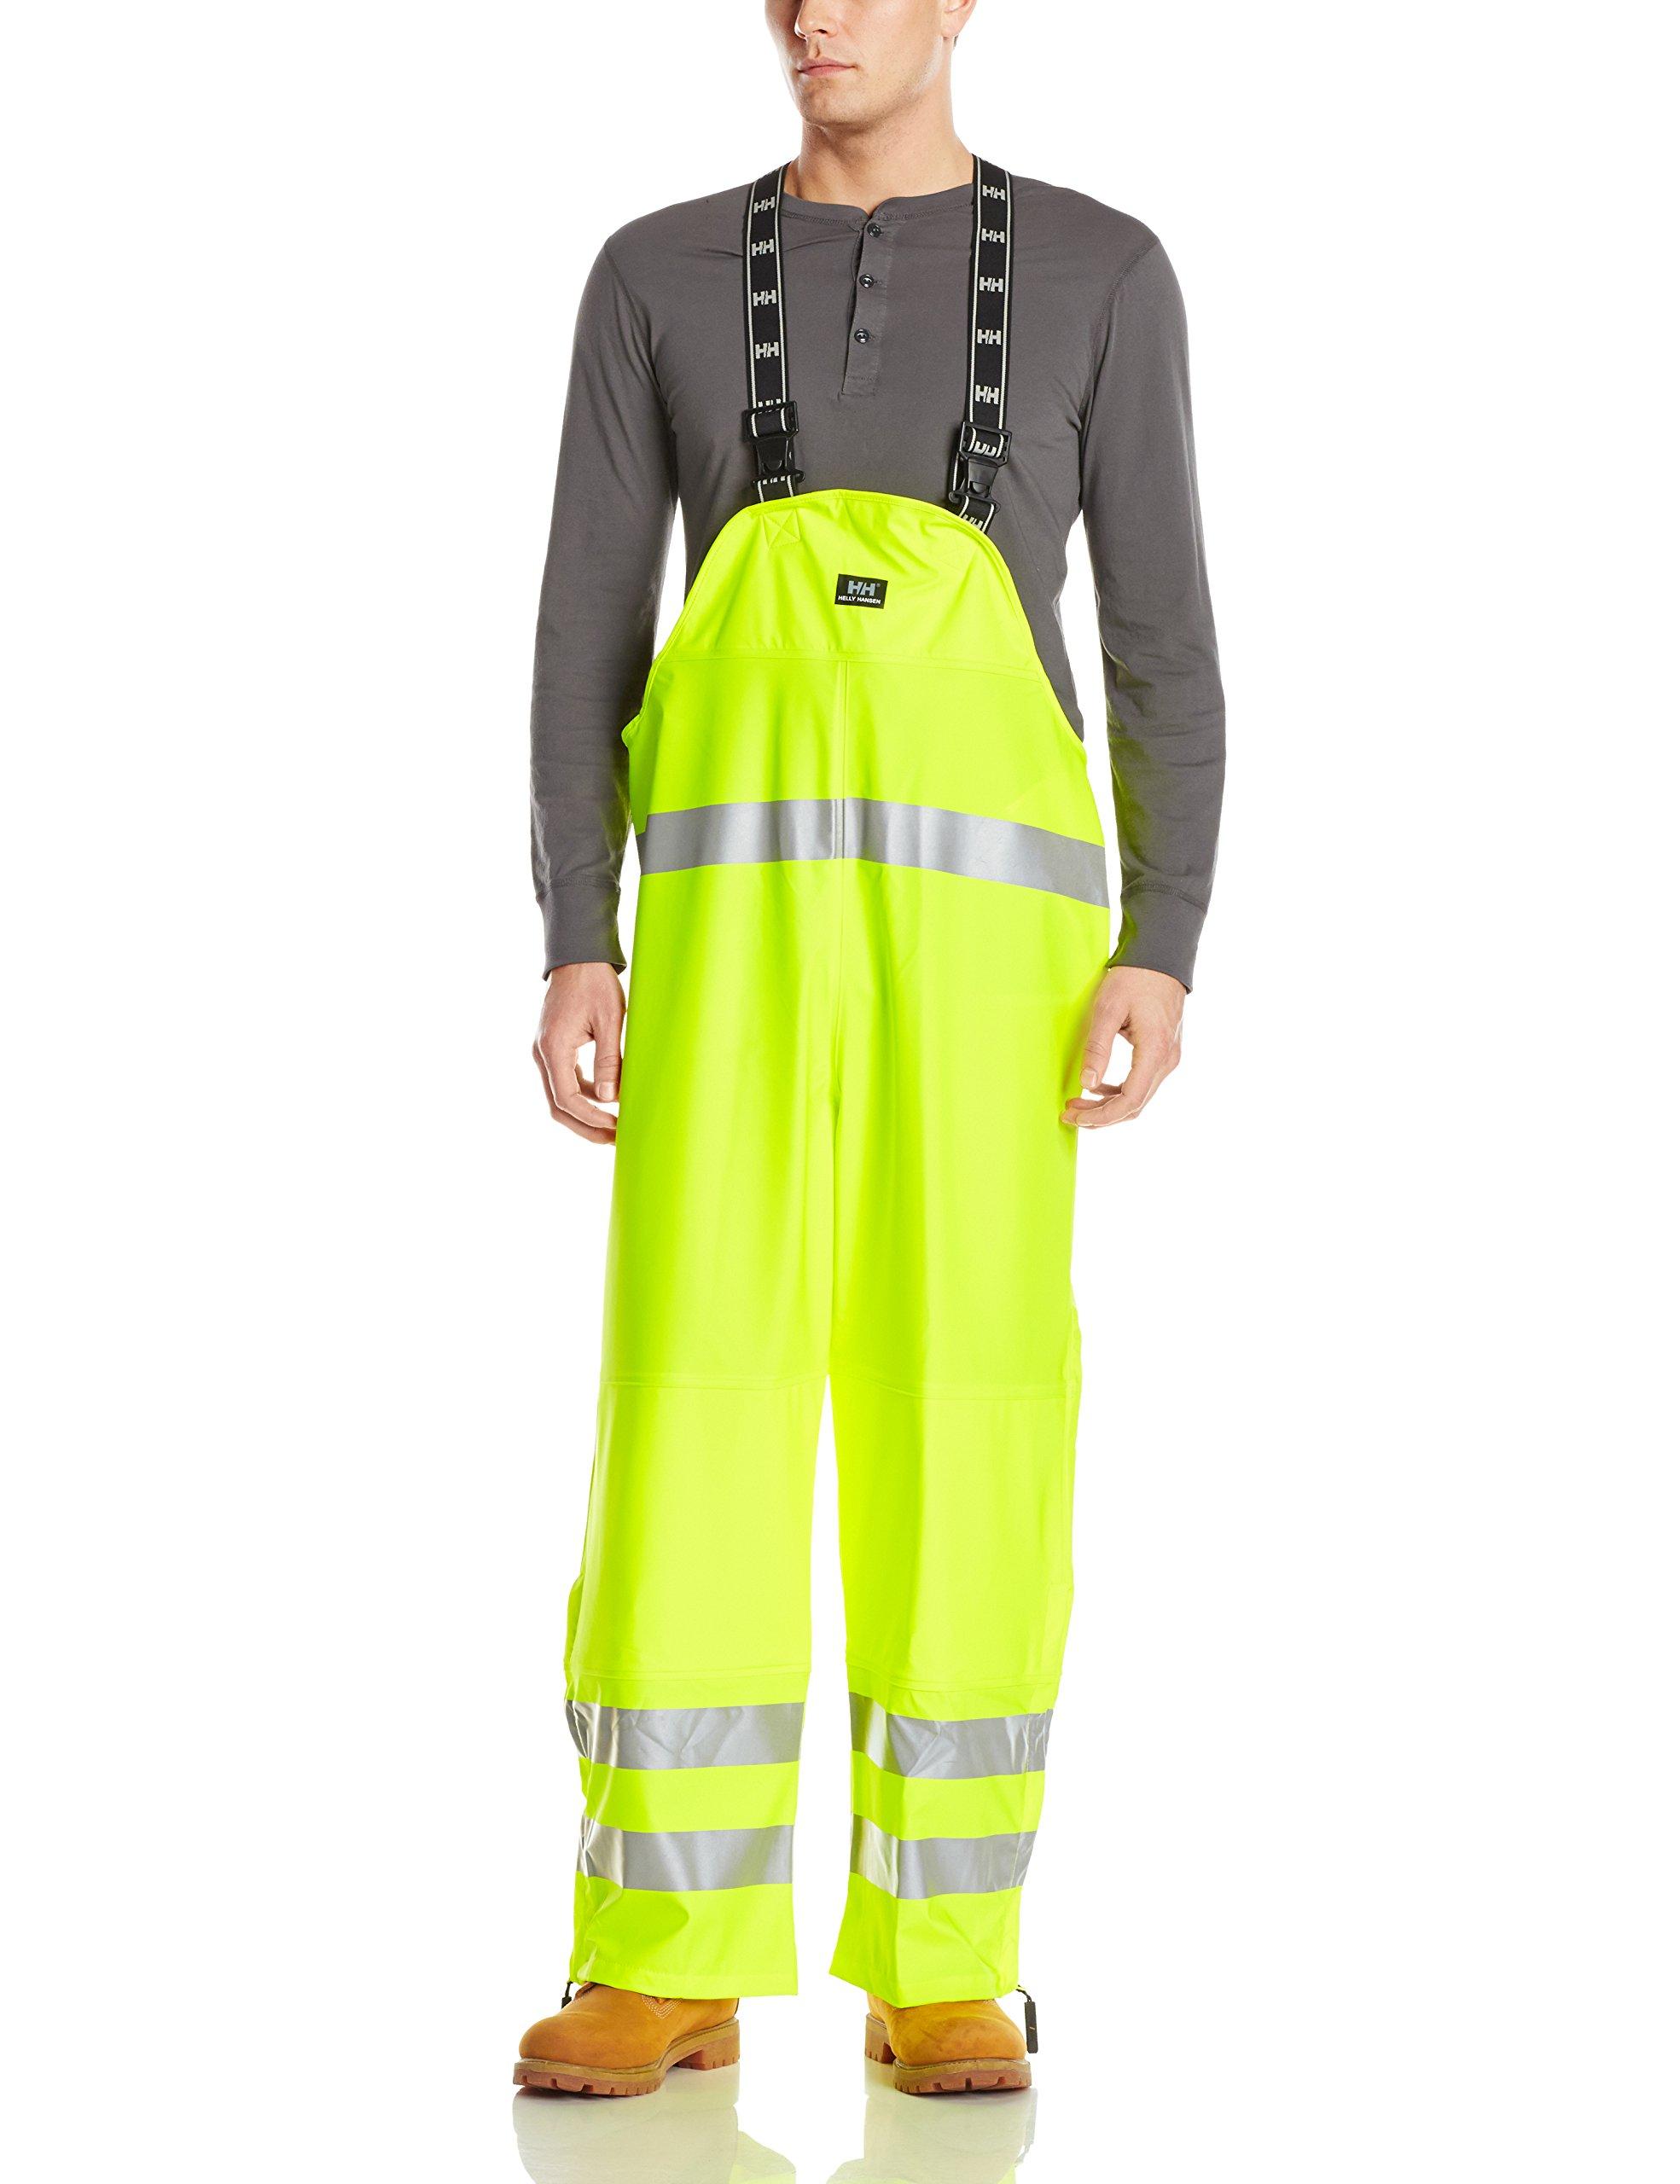 Helly Hansen Workwear Narvik Hi-Visabilty Bib Pant, En471 Yellow, 2XL